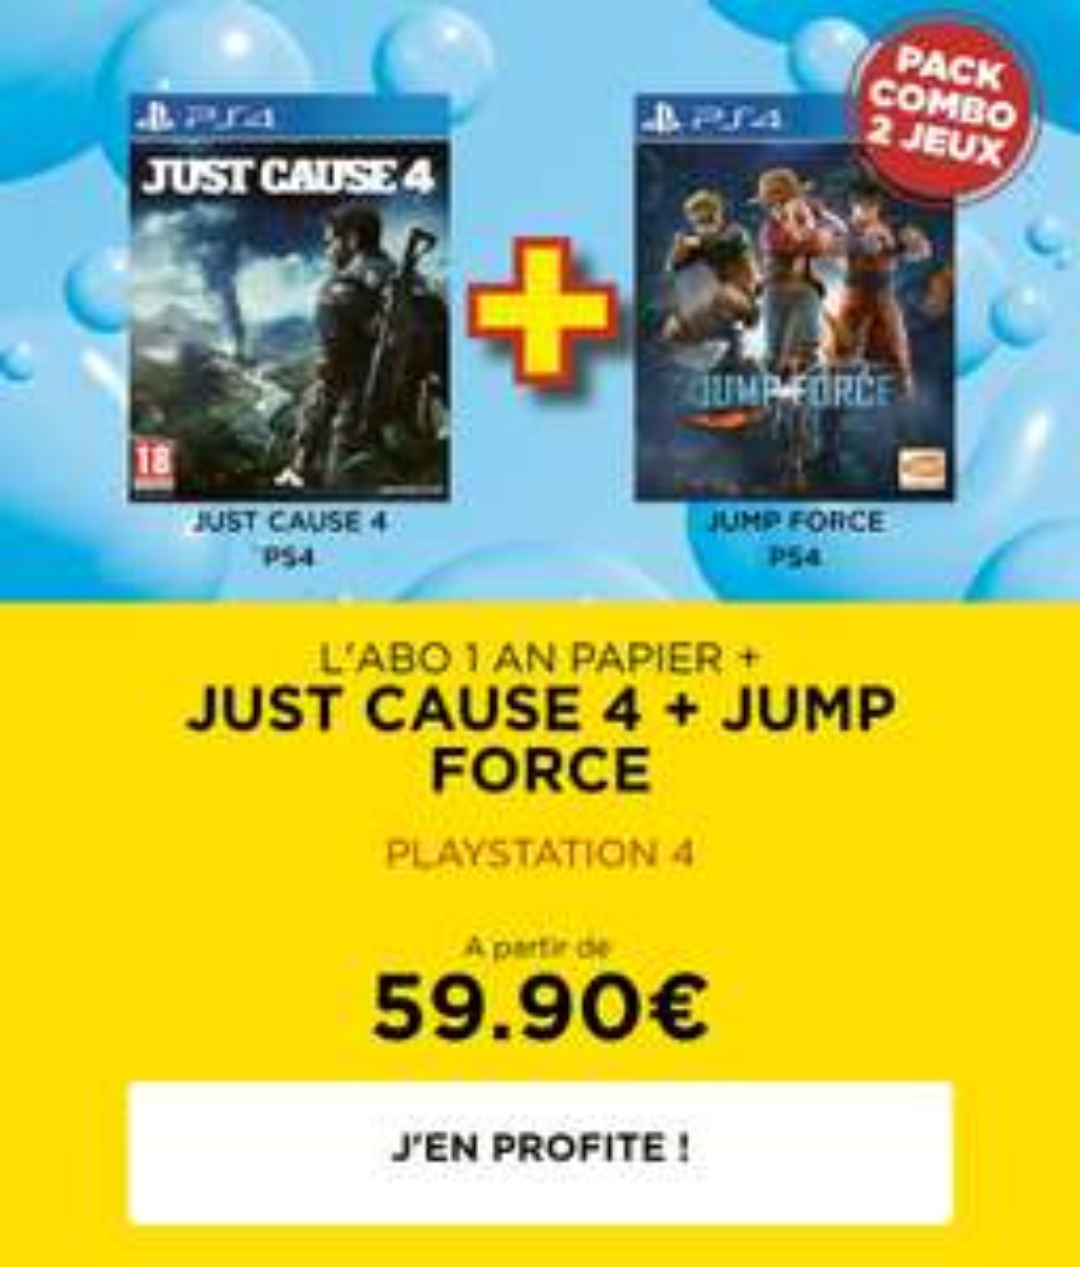 Abonnement Jeux Vidéo Magazine - 1 An + 2 Jeux au choix sur PS4 (jeuxvideomagazine.com)